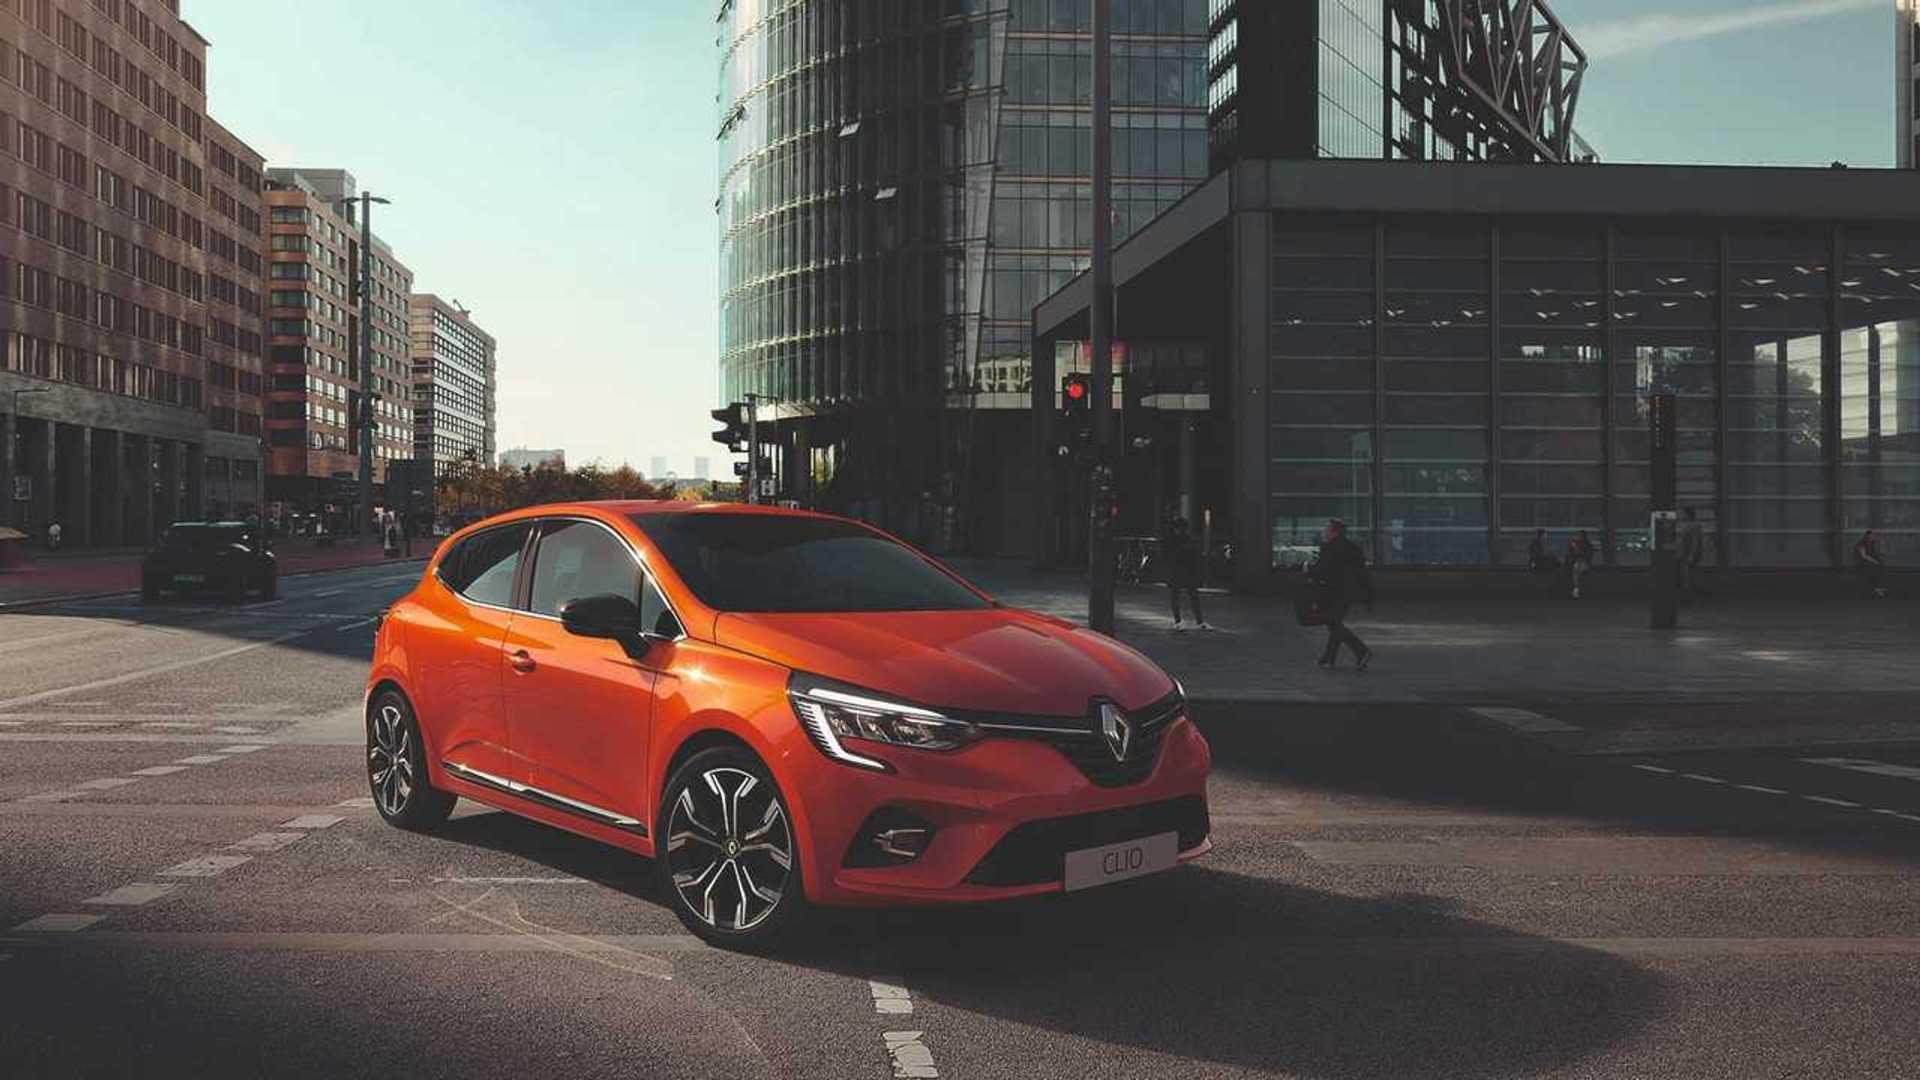 Novo Renault Clio Aposta Em Design Ousado Versao Hibrida E Conducao Autonoma